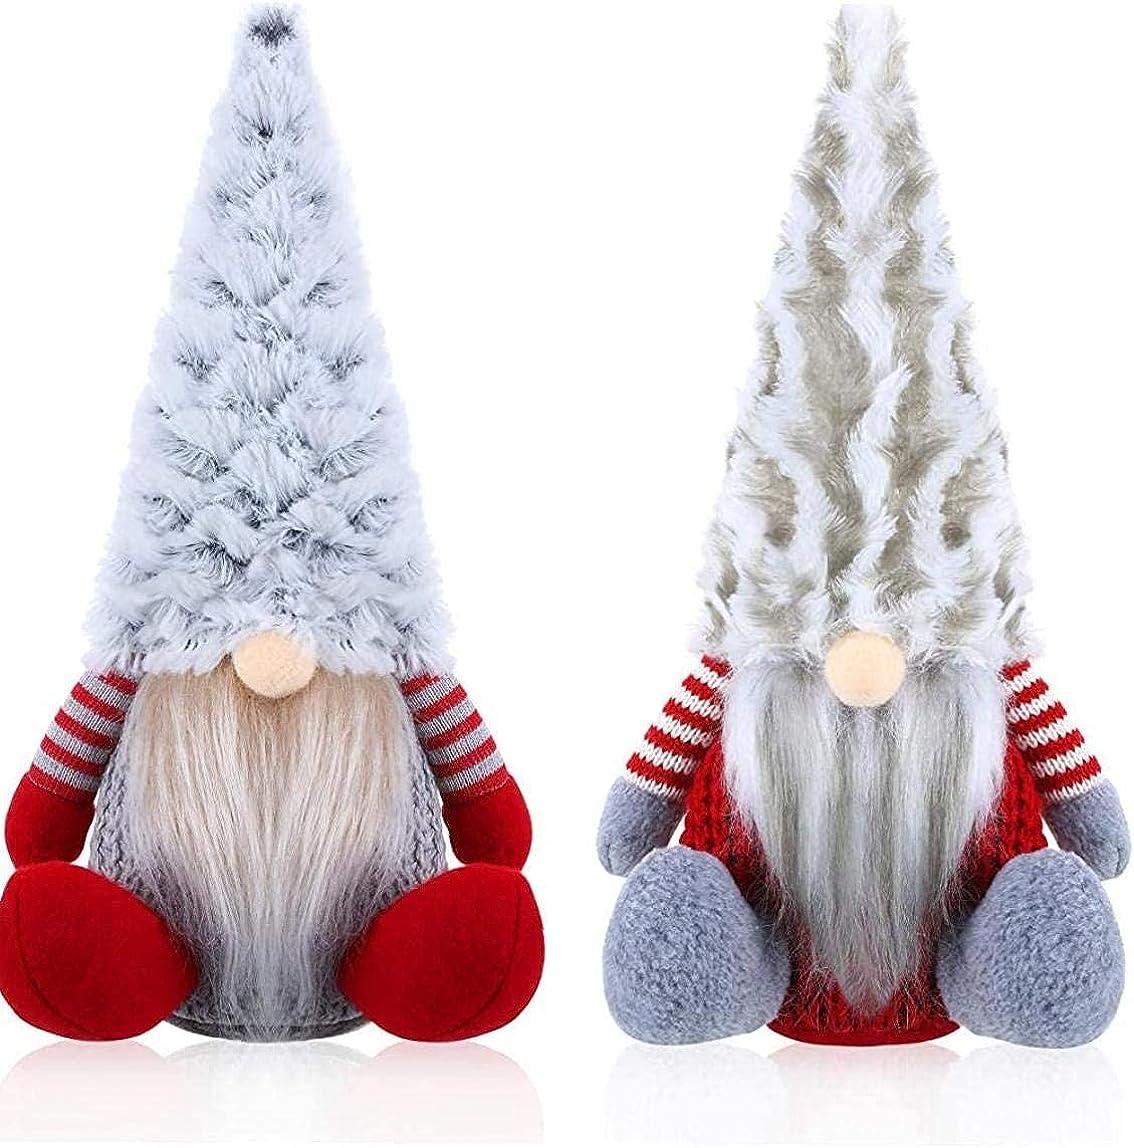 Max 62% 2021 OFF ASDPIHNK Christmas Gonk 2 Pieces Si Gnome Santa Plush